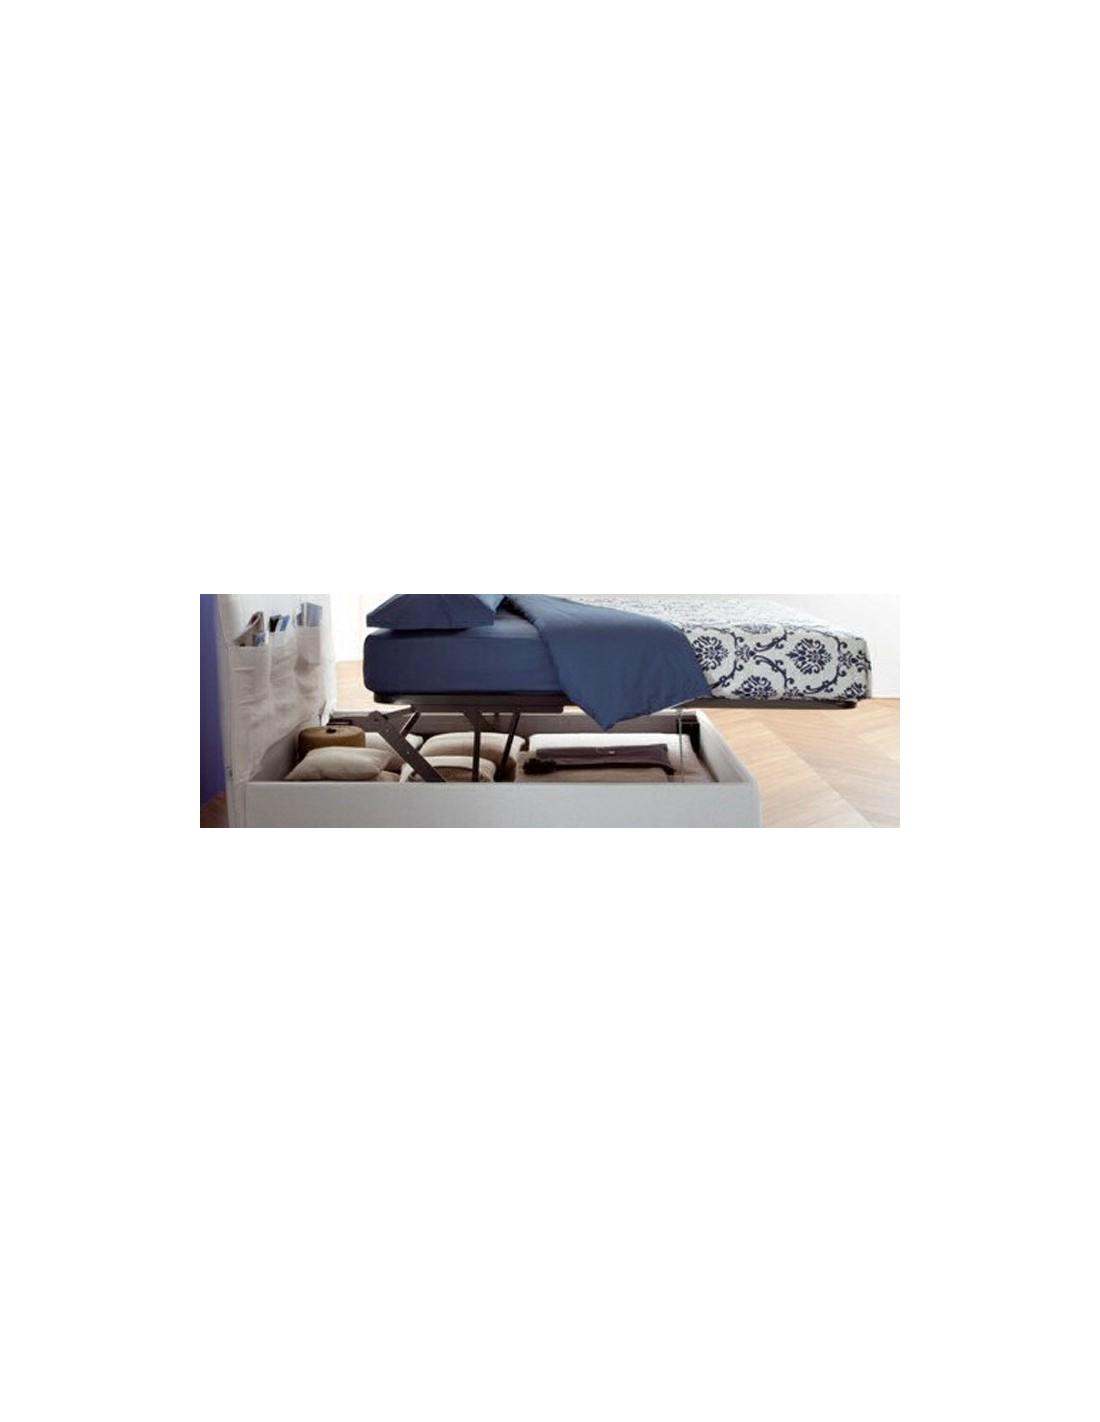 Kit pistoni e braccetti per rete letto contenitore alzante - Sbloccare pistoni letto contenitore ...